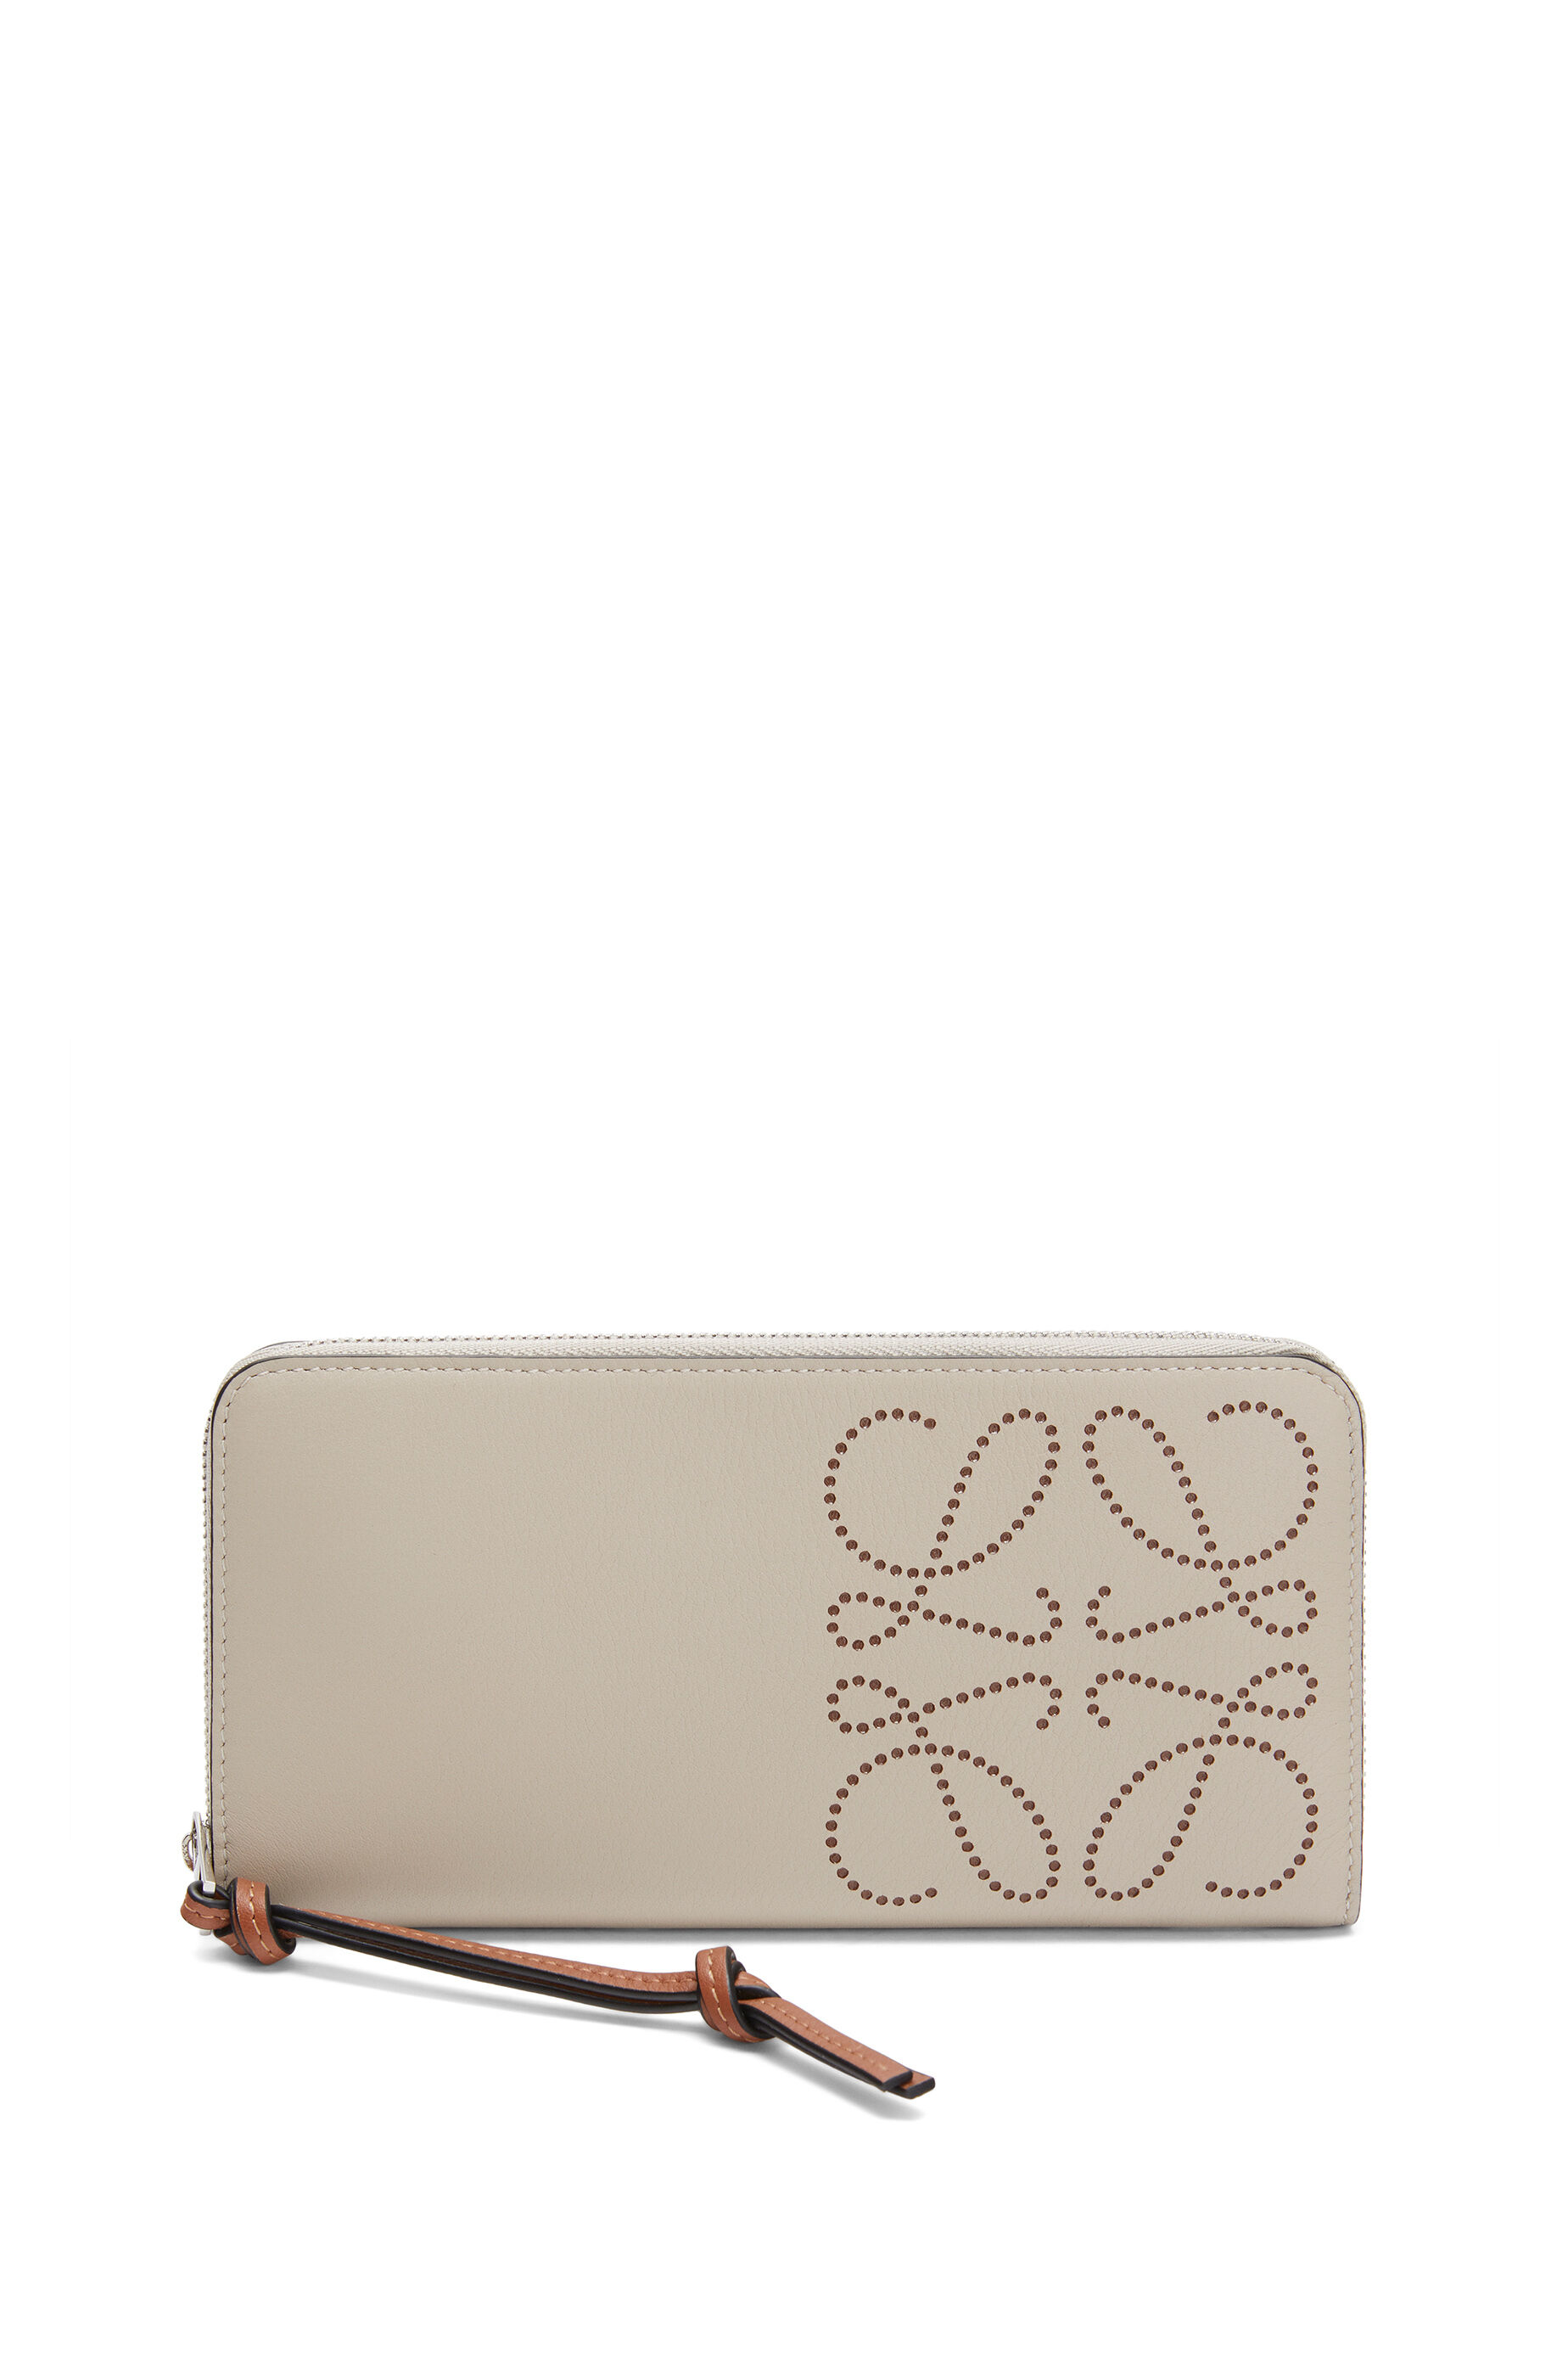 30代の女性に似合うロエベの財布